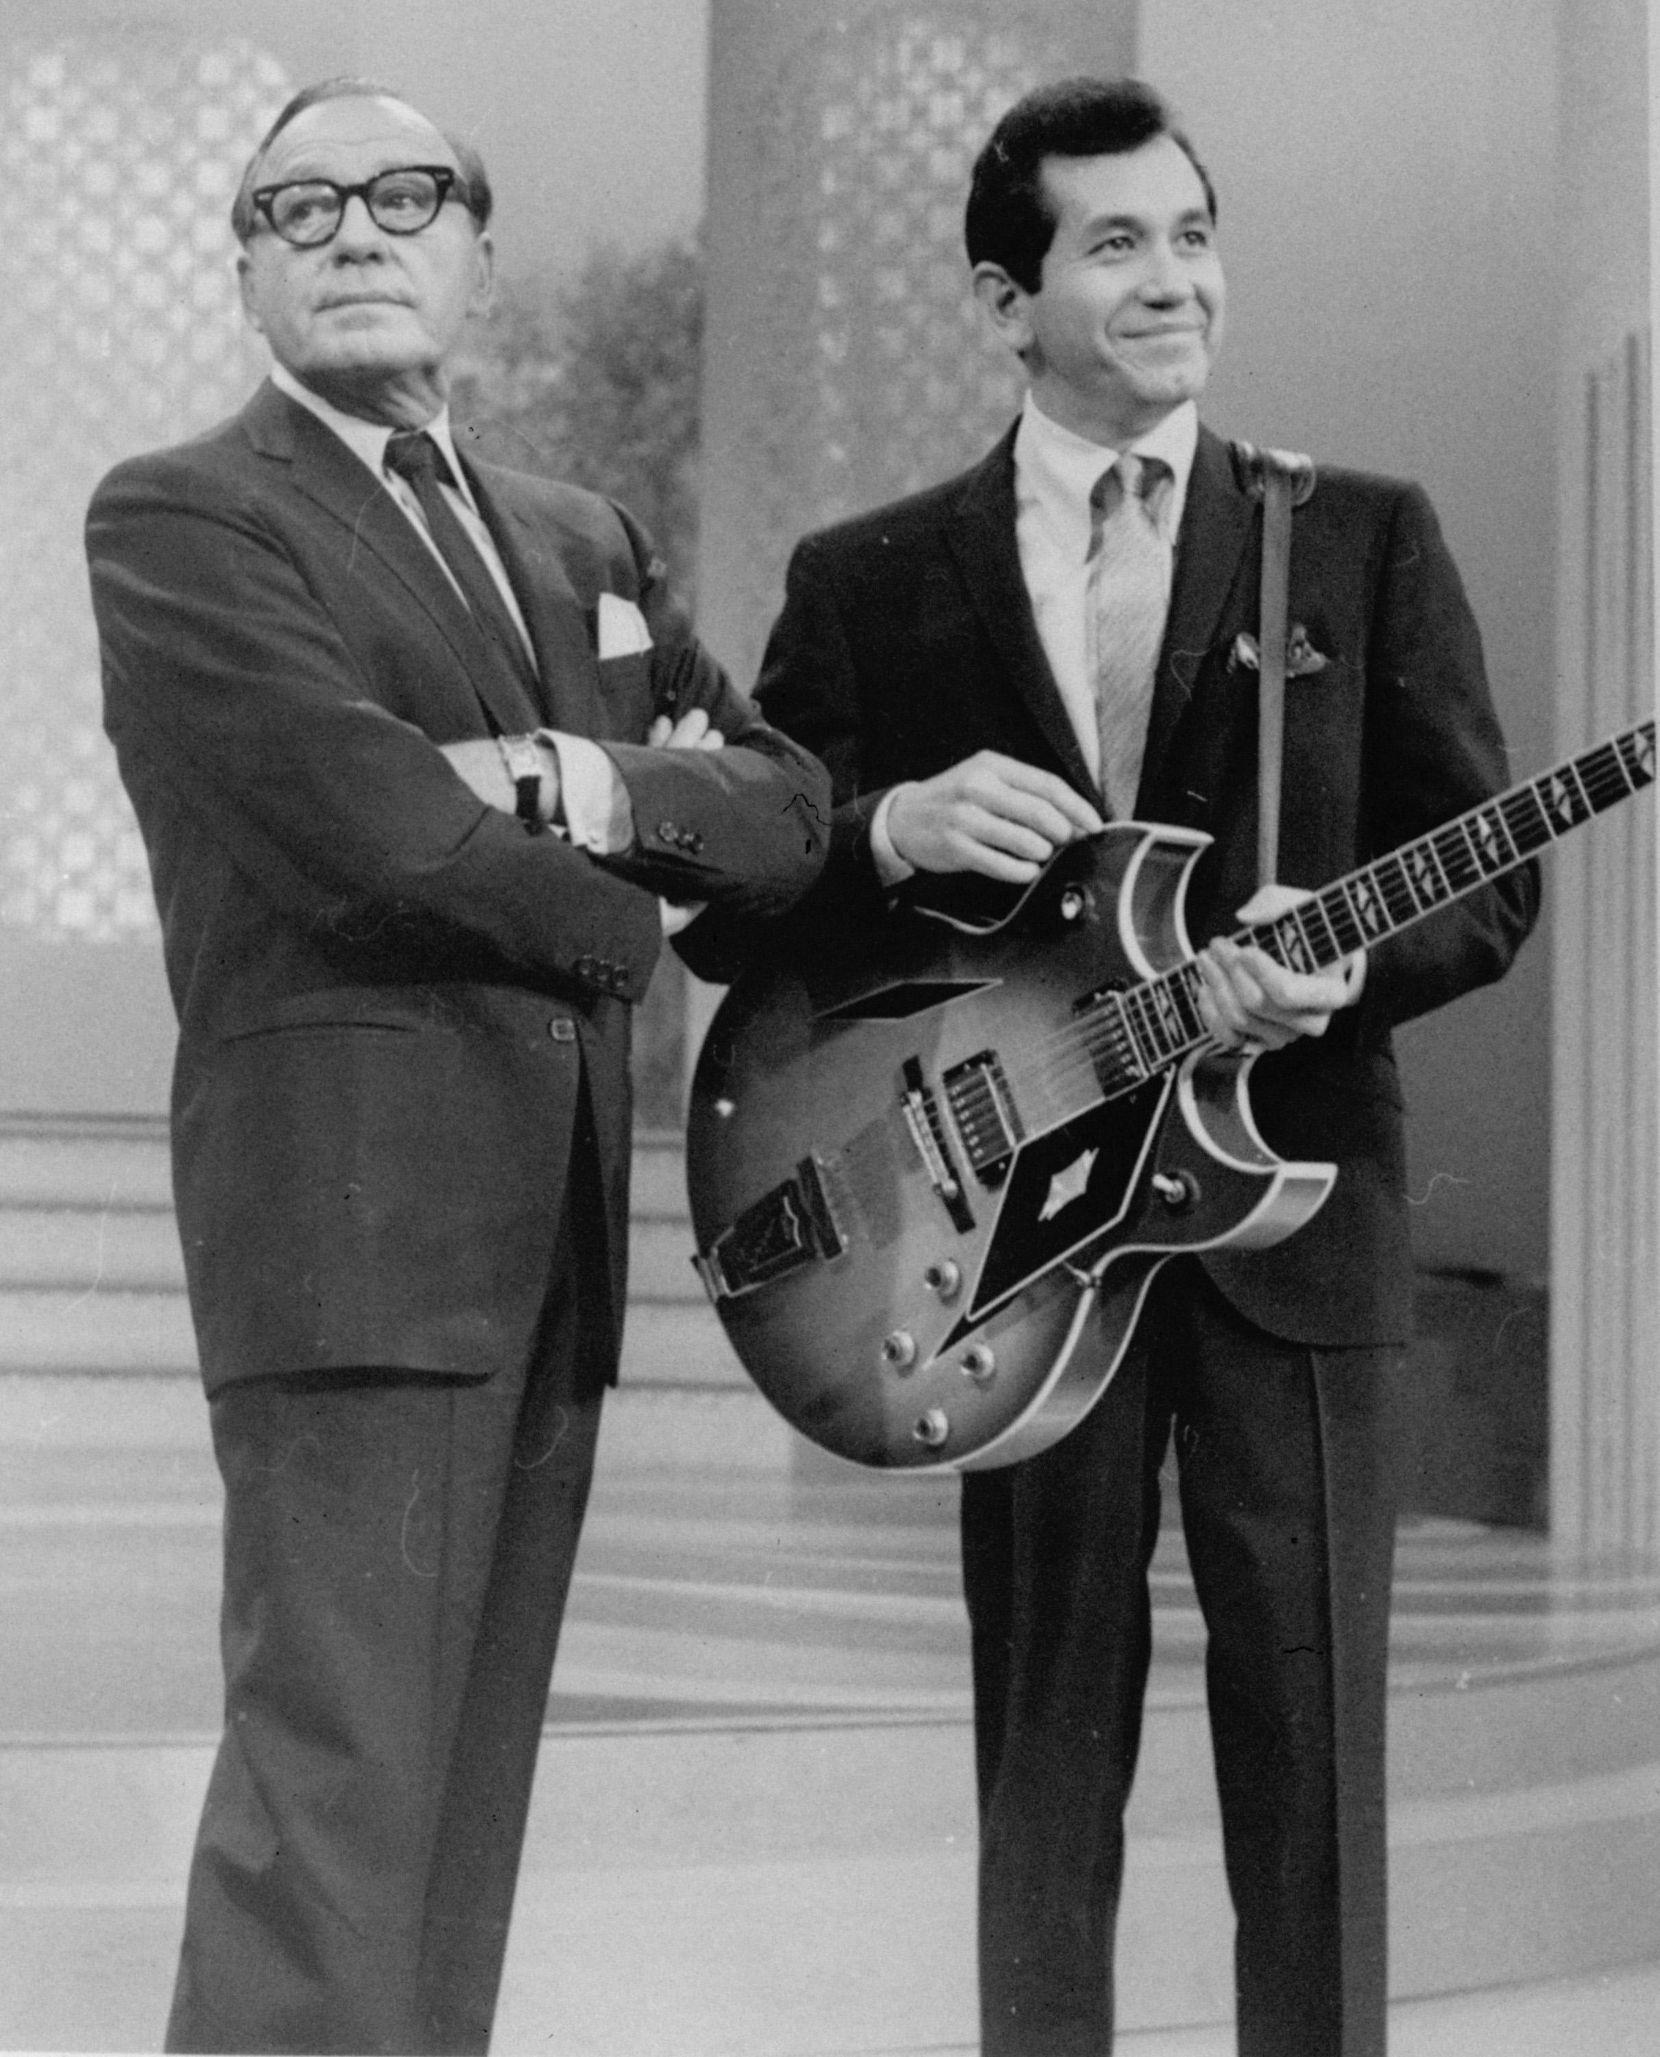 El comediante Jack Benny funto a Trini López en 1966. AP